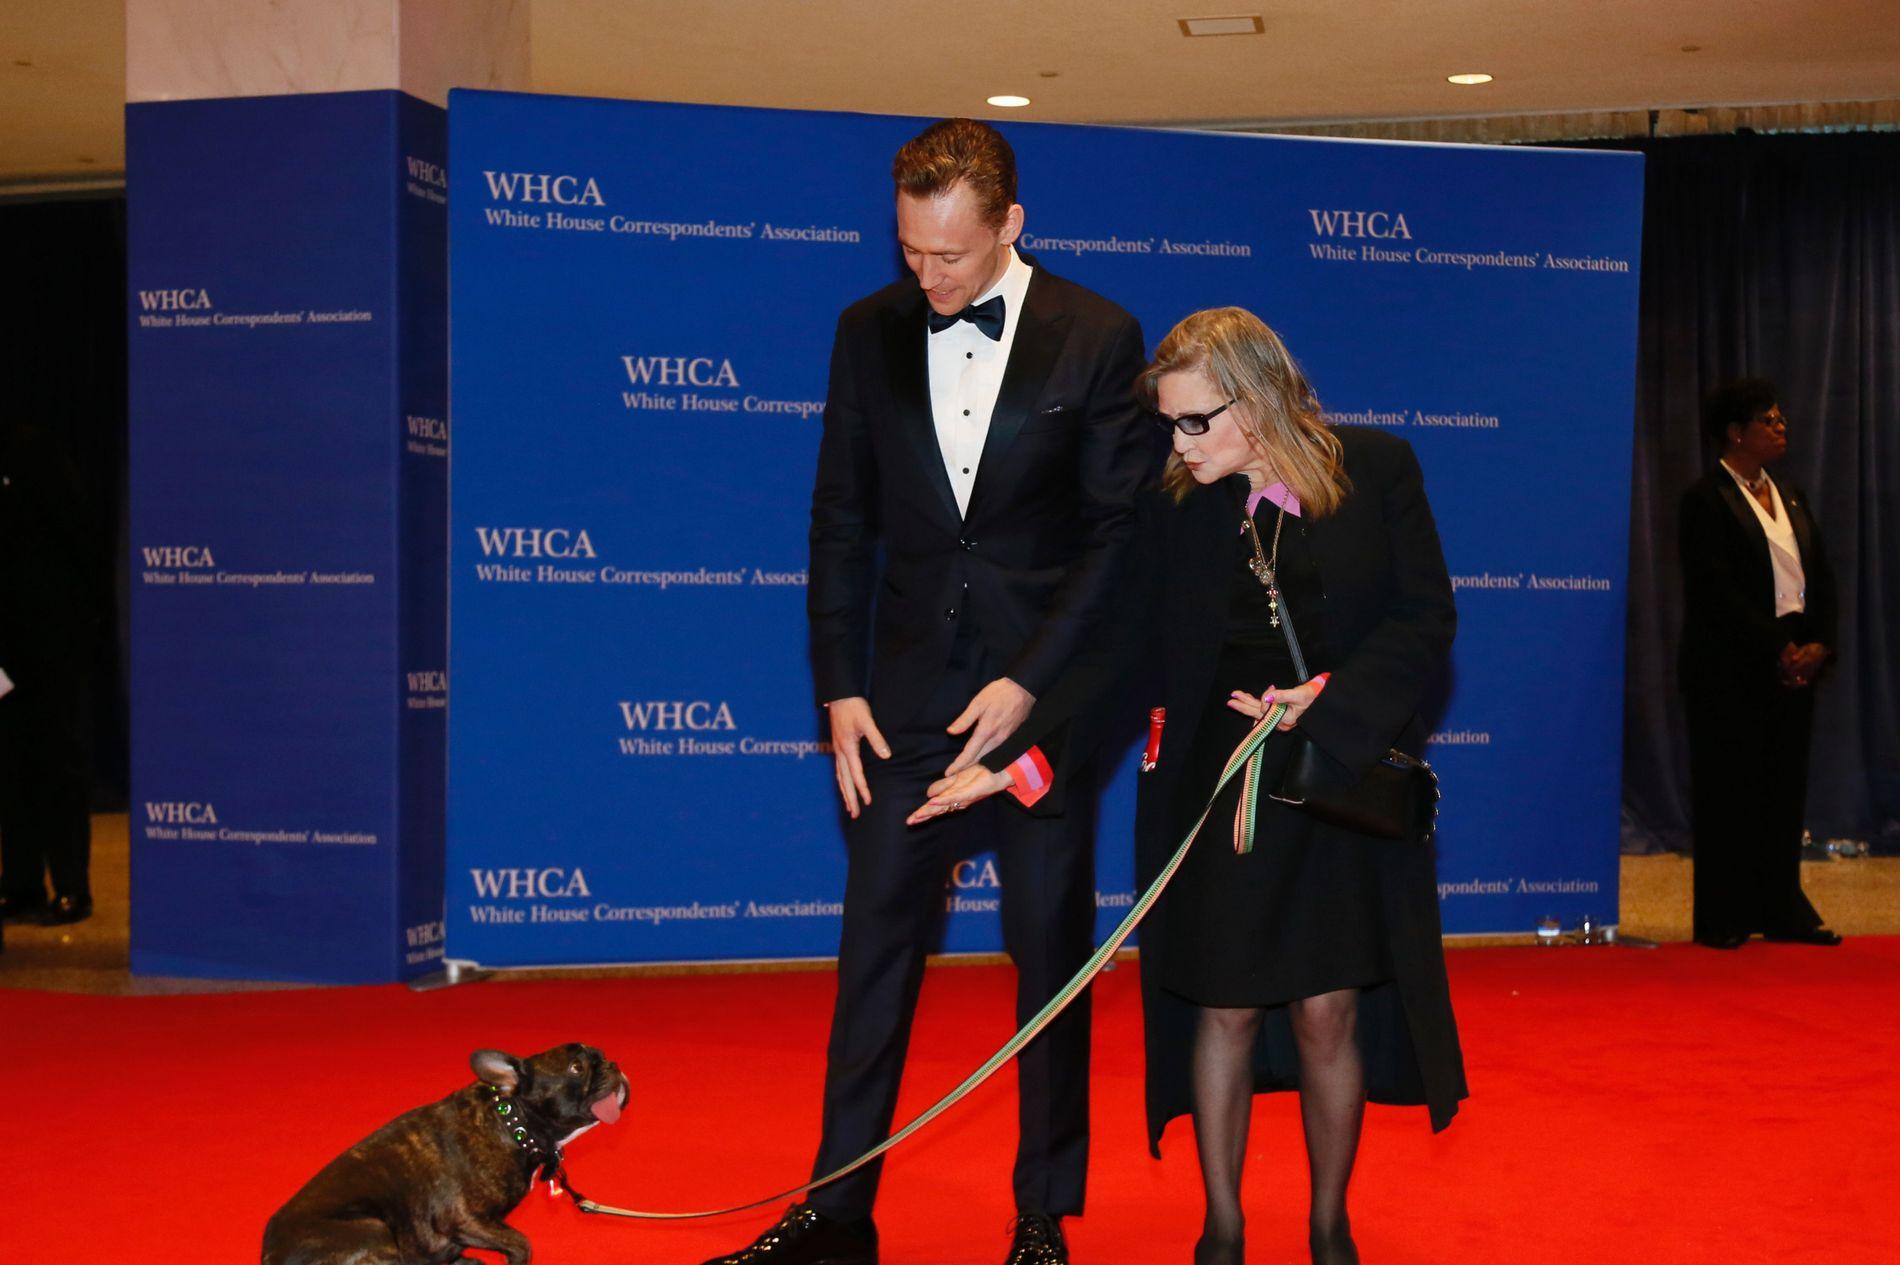 MED BIKKJA PÅ FEST: Skuespillerne Tom Hiddleston og Carrie Fisher kom med hennes hund Gary  til festen i Det Hvite Hus.